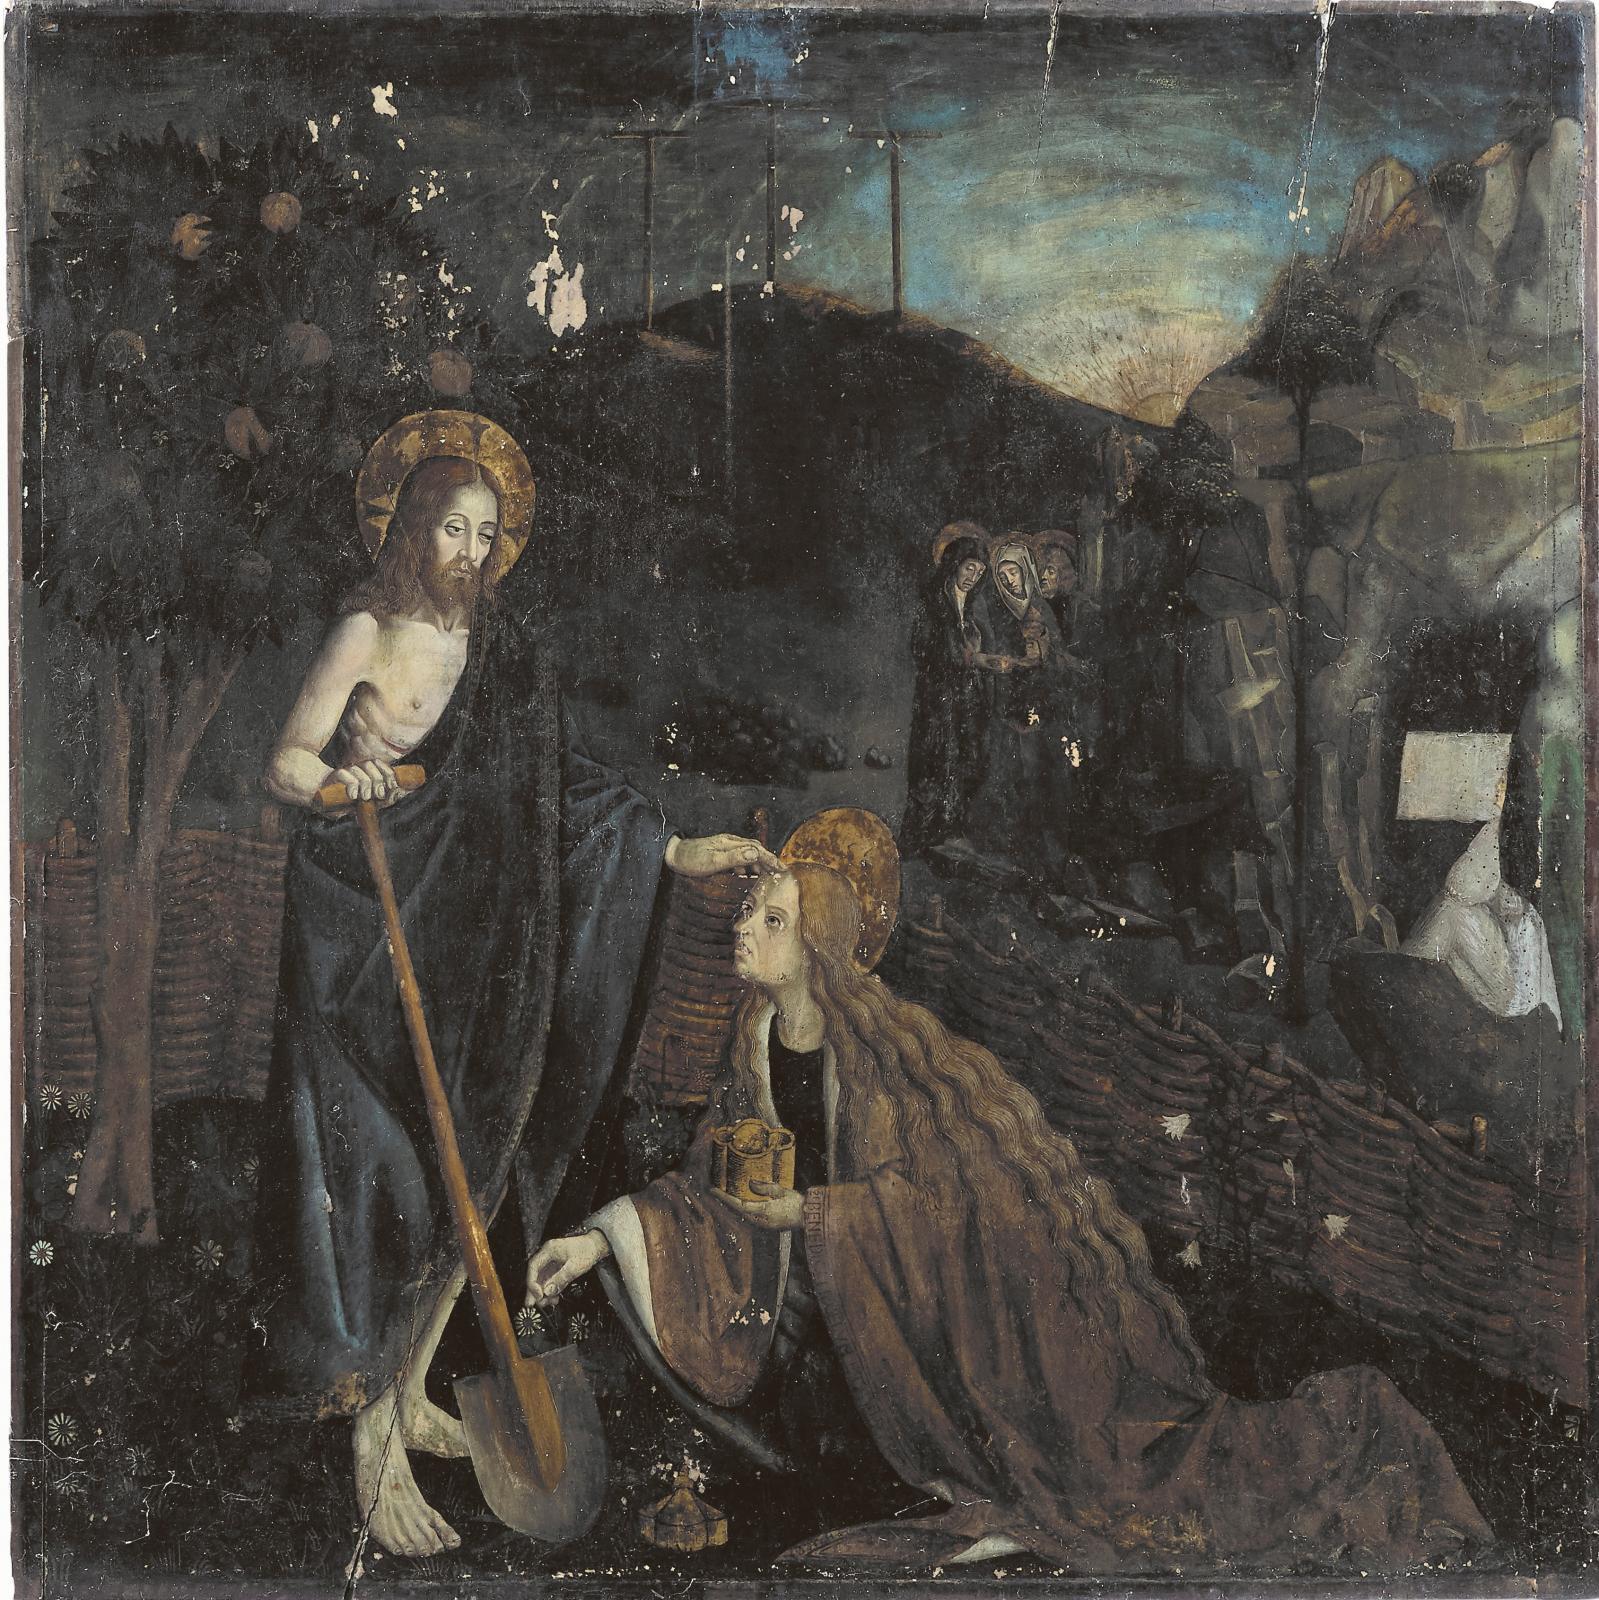 Artiste nordique travaillant en Provence à la fin du XVesiècle, Noli me tangere, peinture à l'huile sur panneau de bois, 123x124cm. Ad